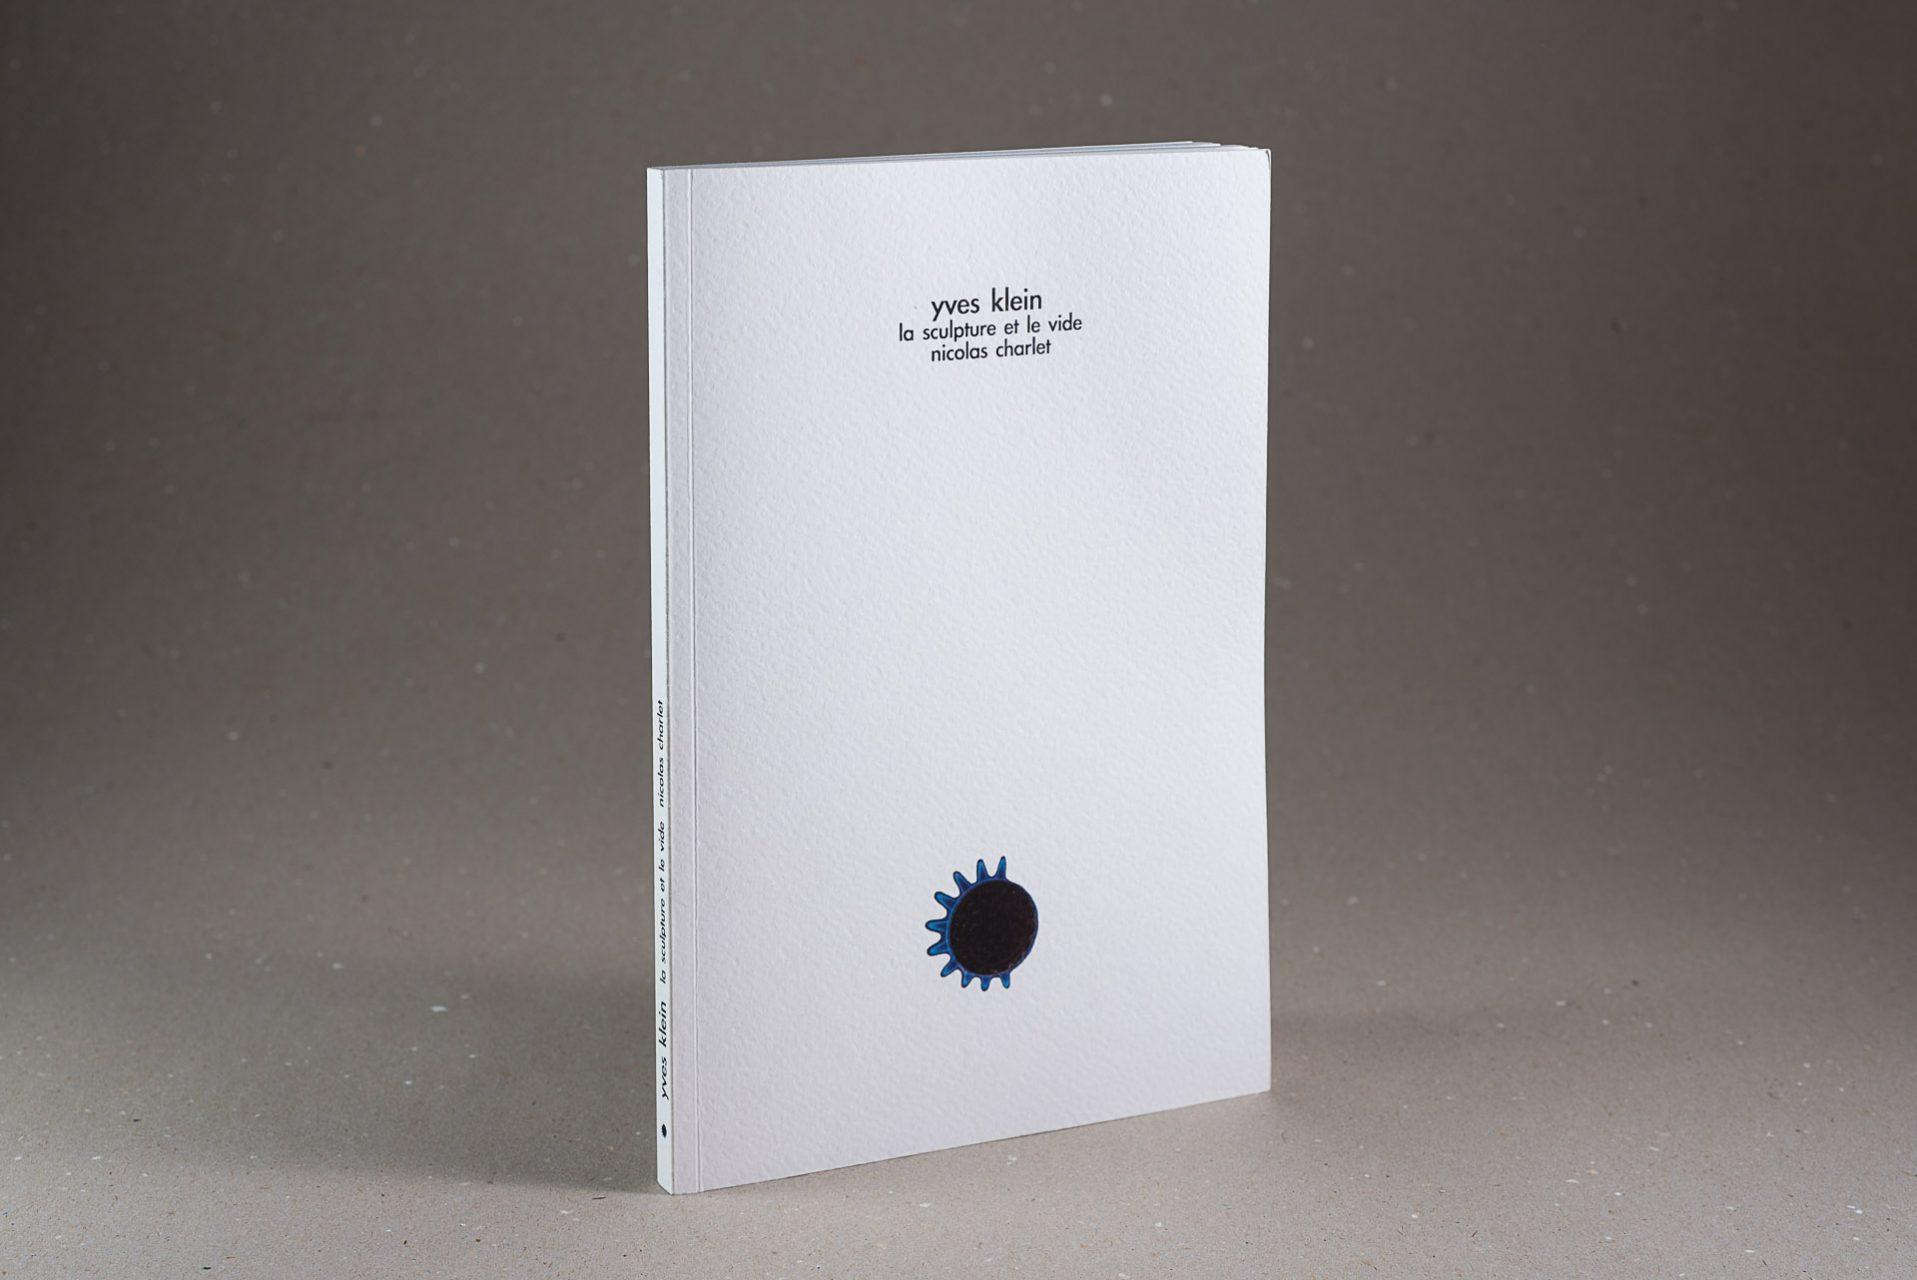 web-hd-nuit-myrtide-livre-yves-klein-la-sculpture-et-le-vide-nicolas-charlet-01